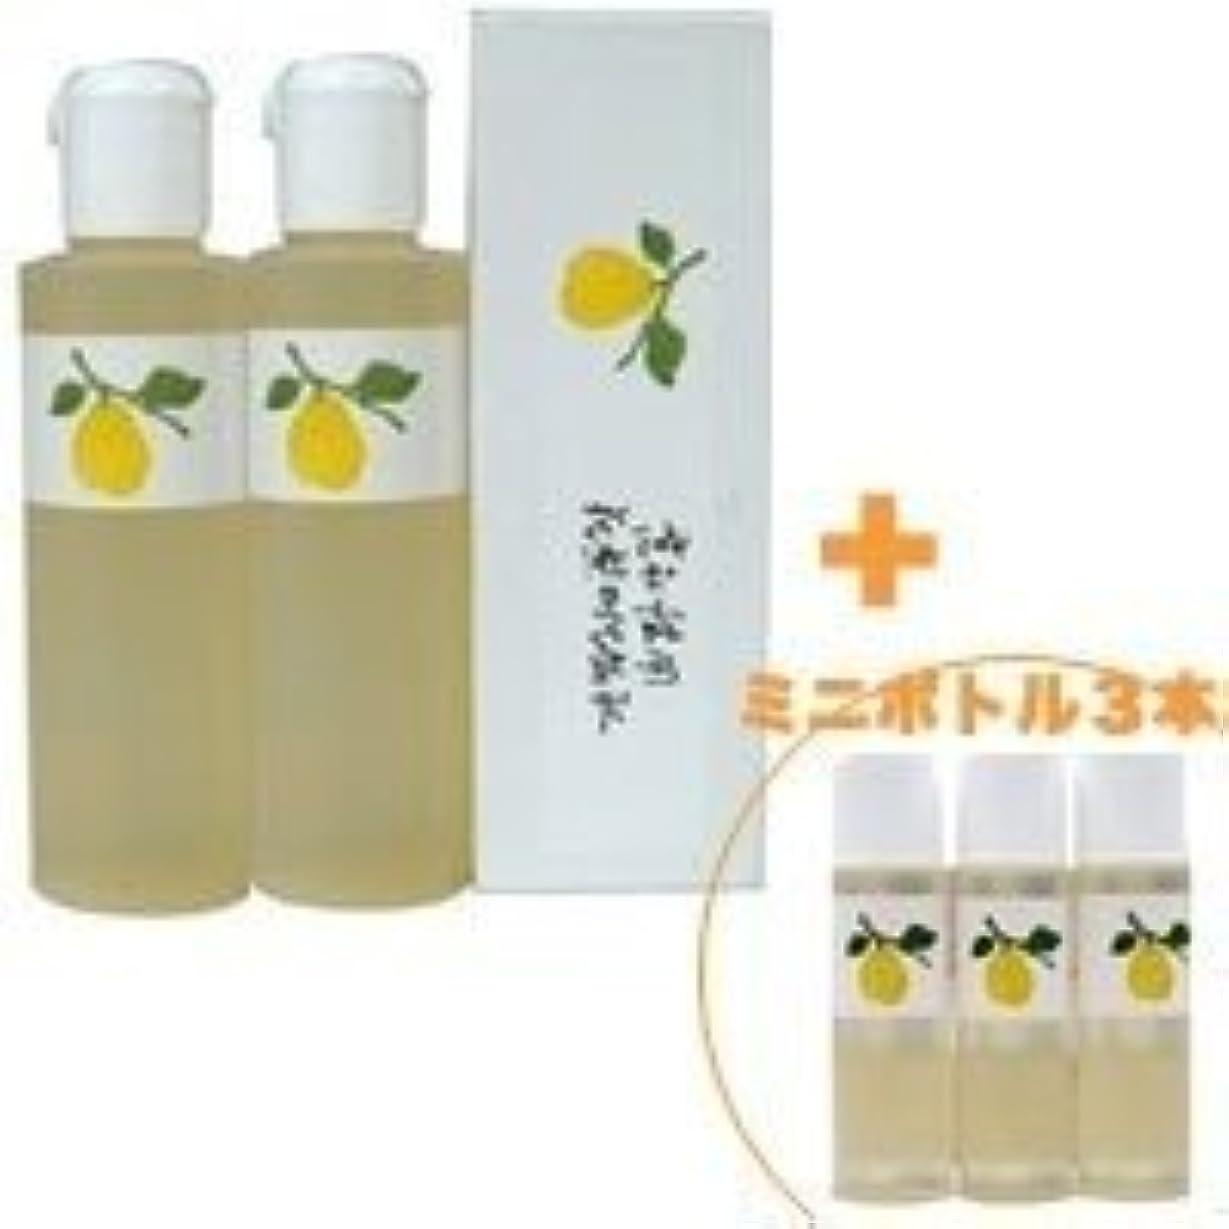 シフト悪の記憶に残る花梨の化粧水 200ml 2本&ミニボトル 3本 美容液 栄養クリームのいらないお肌へ 保湿と乾燥対策に